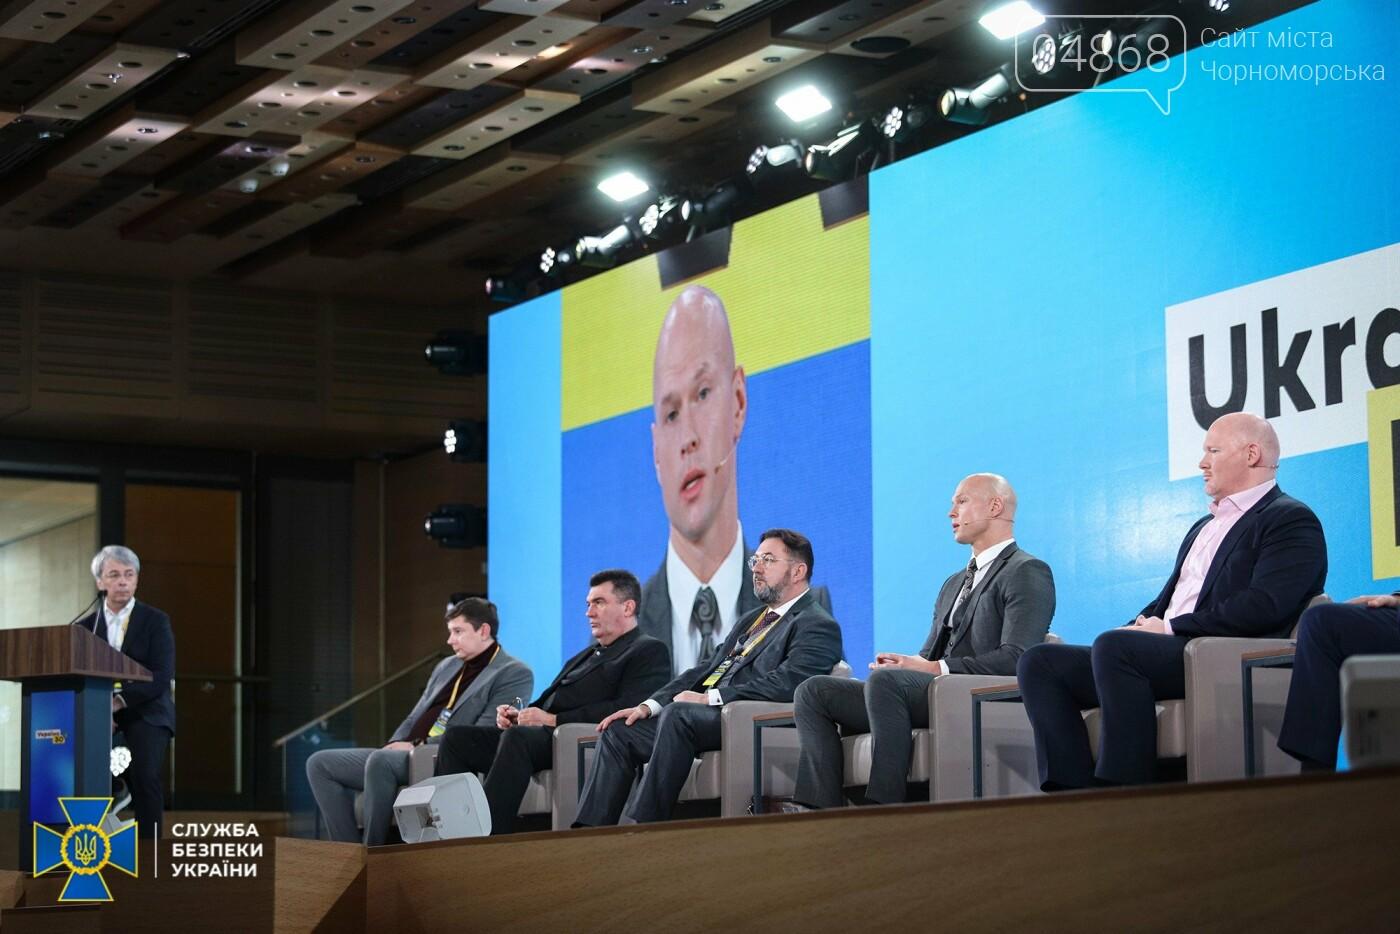 В спецслужбах РФ есть подразделения, которые работают исключительно по украинскому направлению, - Департамент кибербезопасности СБУ, фото-2